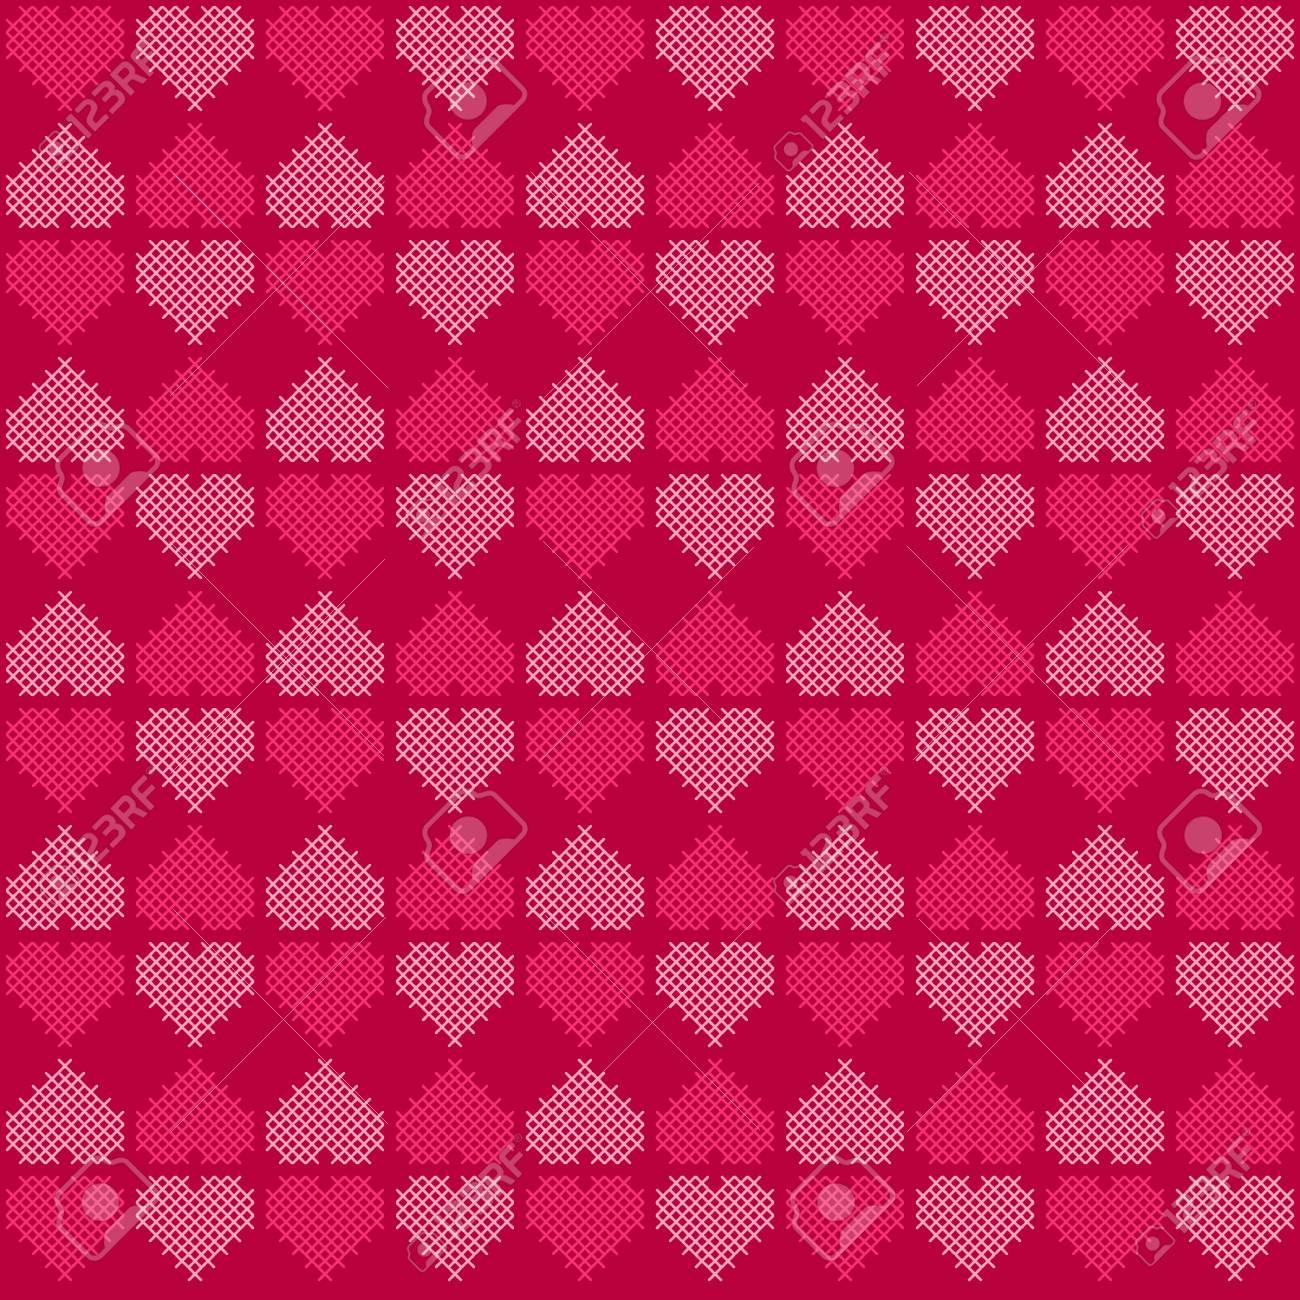 Herz-Formen Von Rosa Farben Durch Kreuzstich-Stickerei-Muster ...